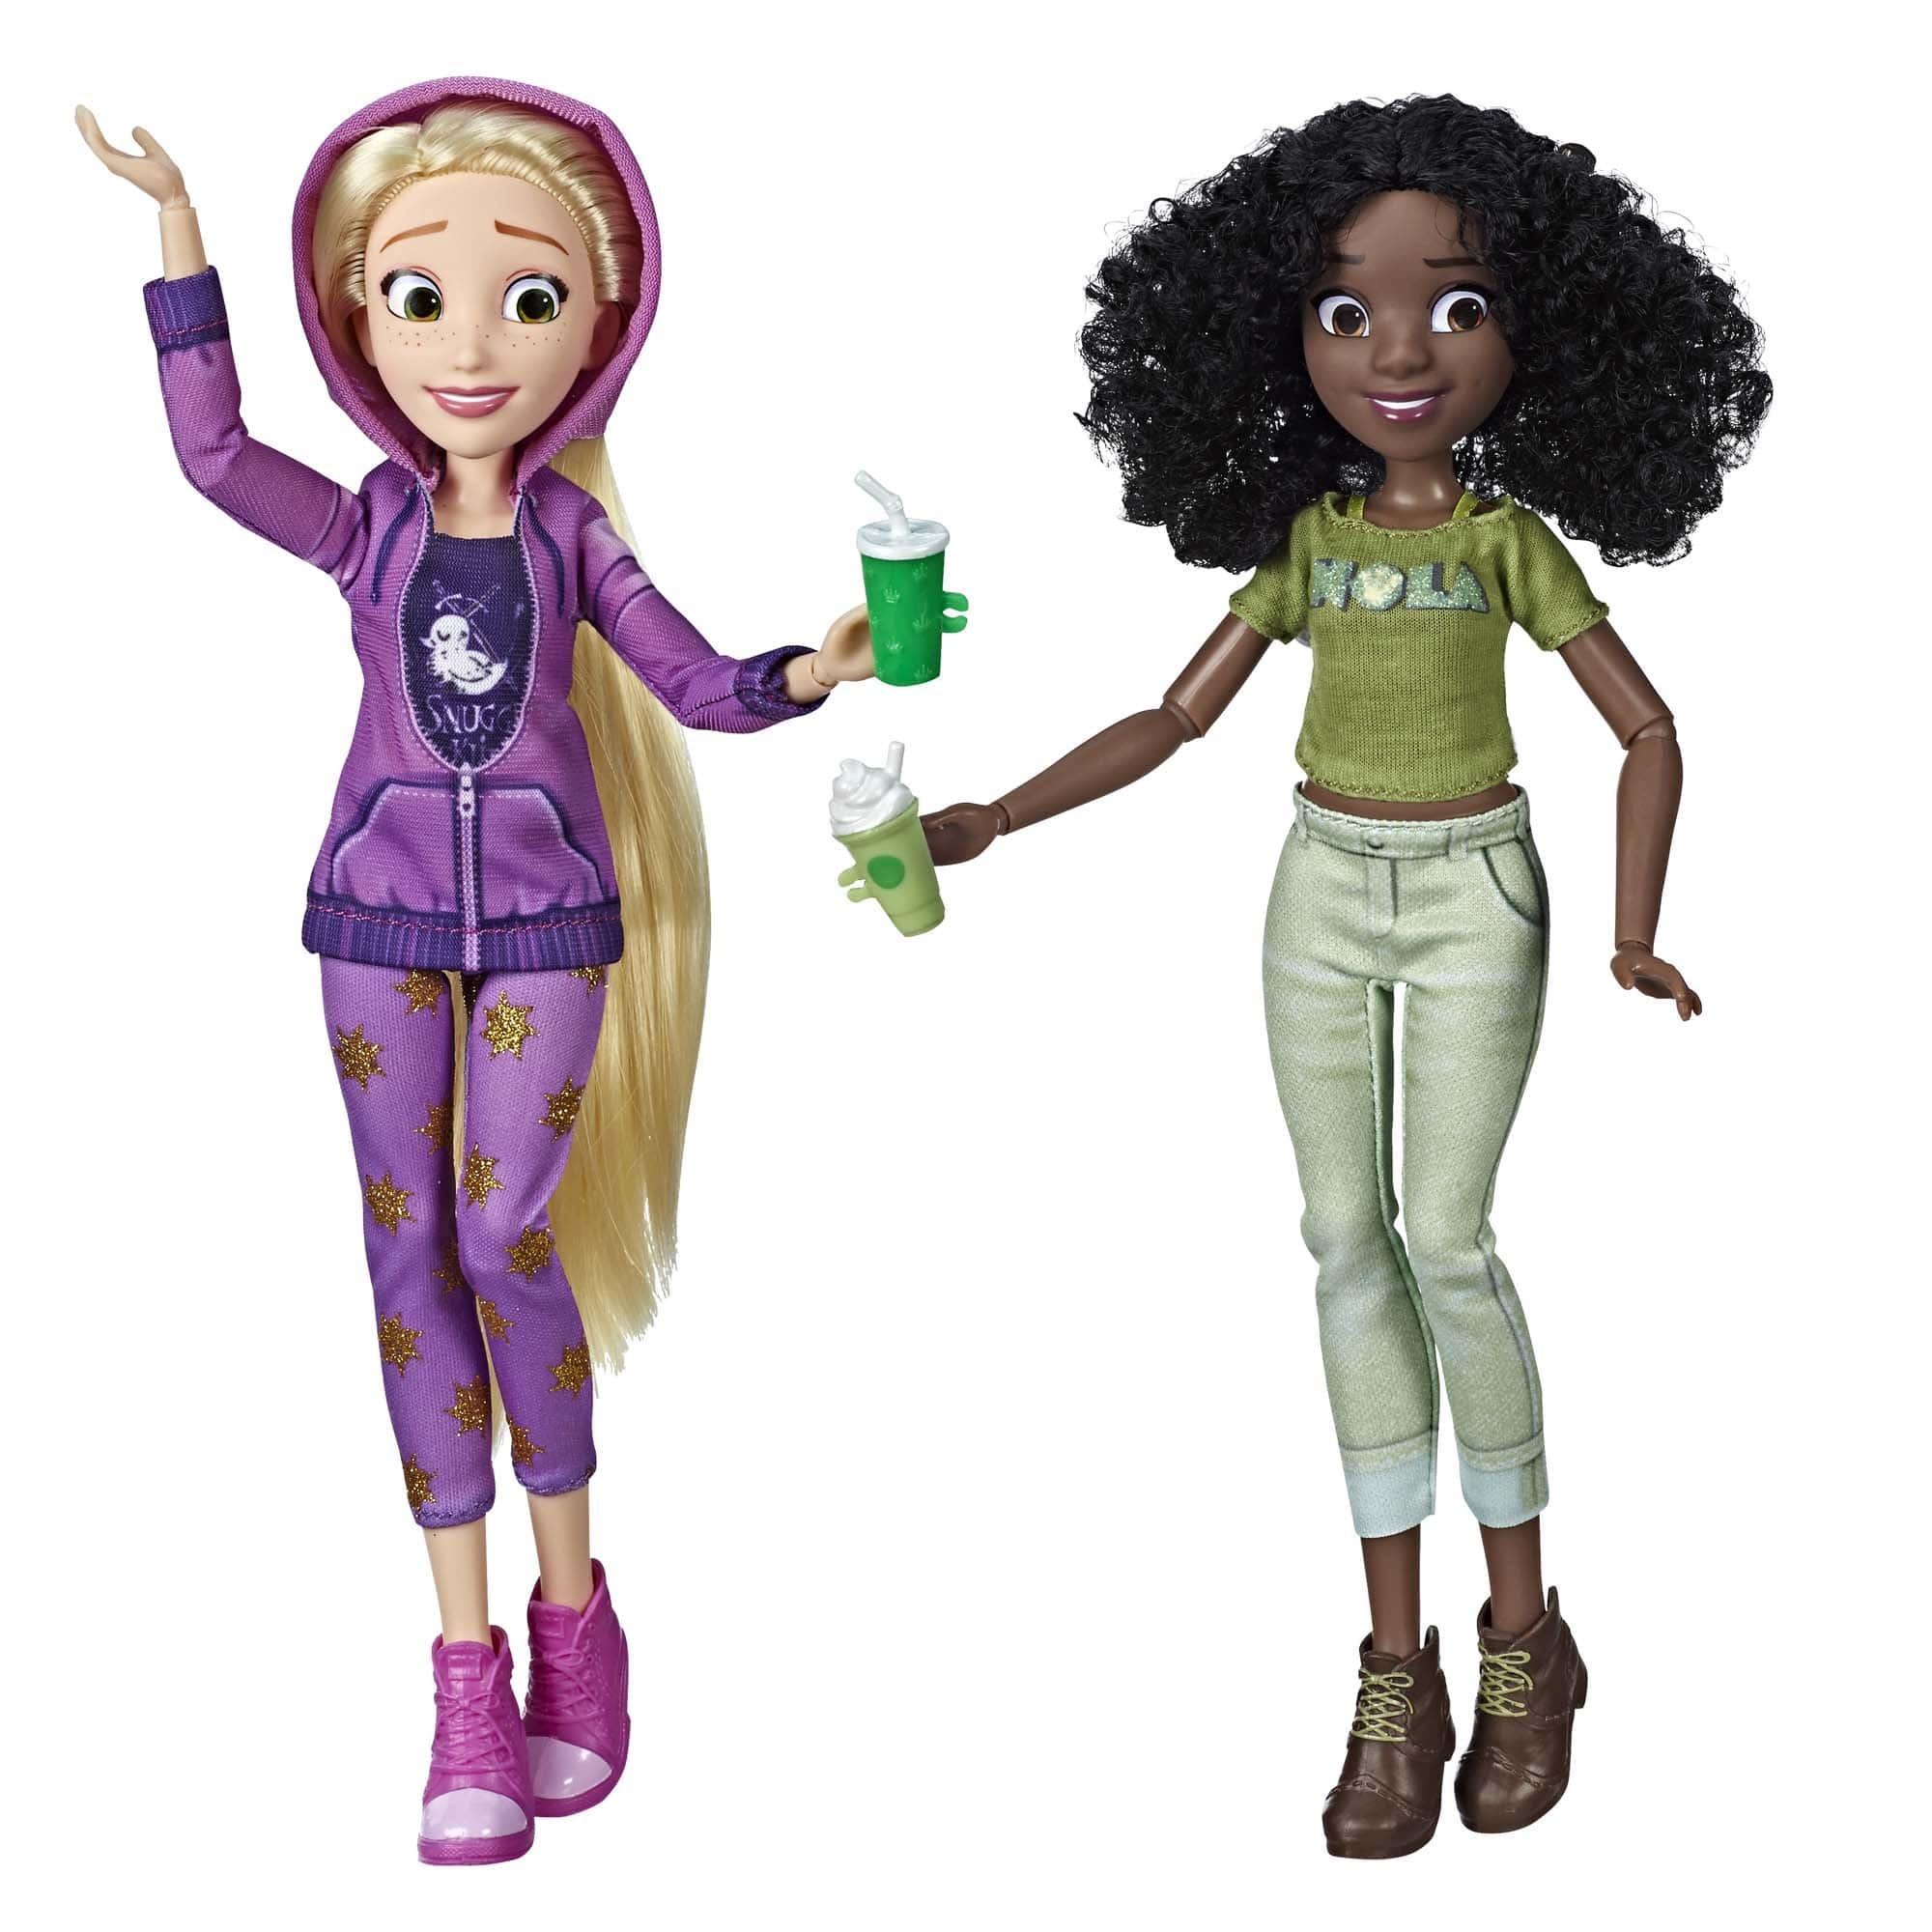 Купить Куклы Disney Princess Рапунцель и Тиана - Ральф против интернета E7418,